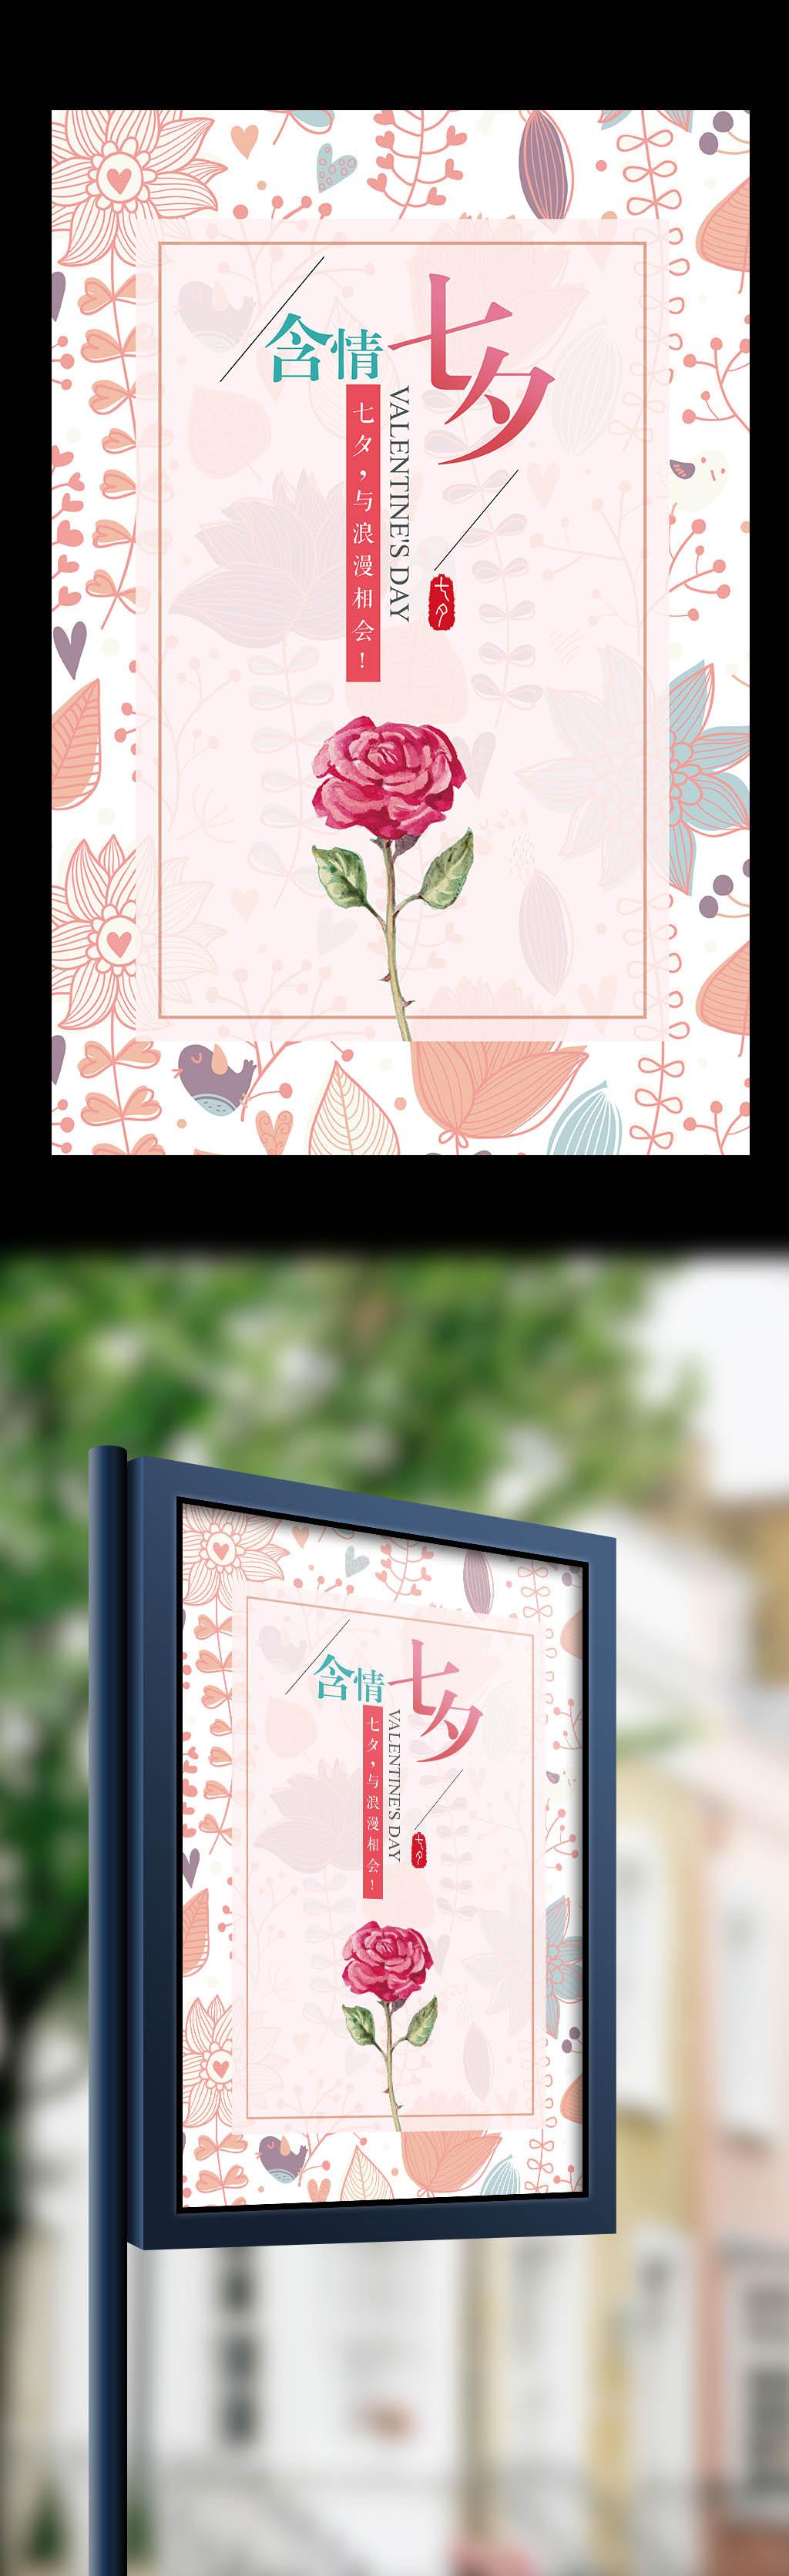 浪漫七夕小清新主题海报图片